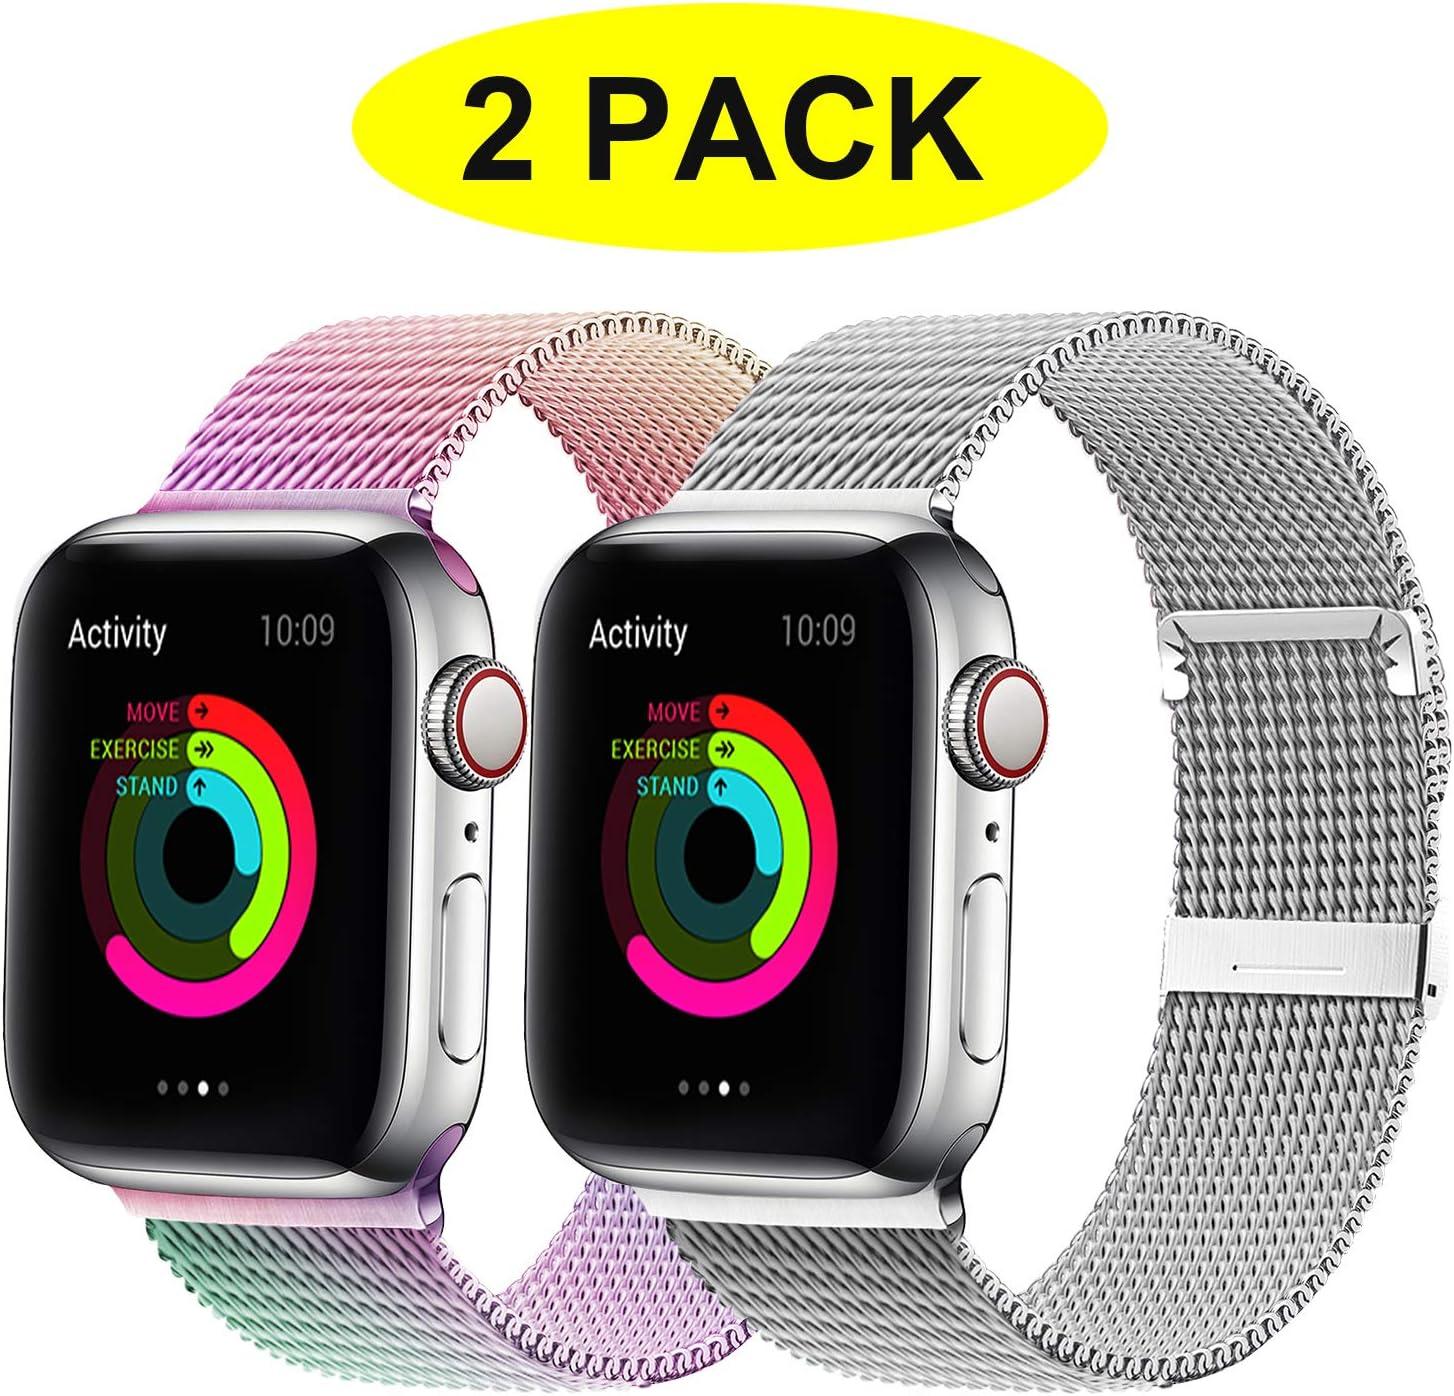 Malla Para Apple Watch Series 1 2 3 4 5  (pack de 2)  (46G9)